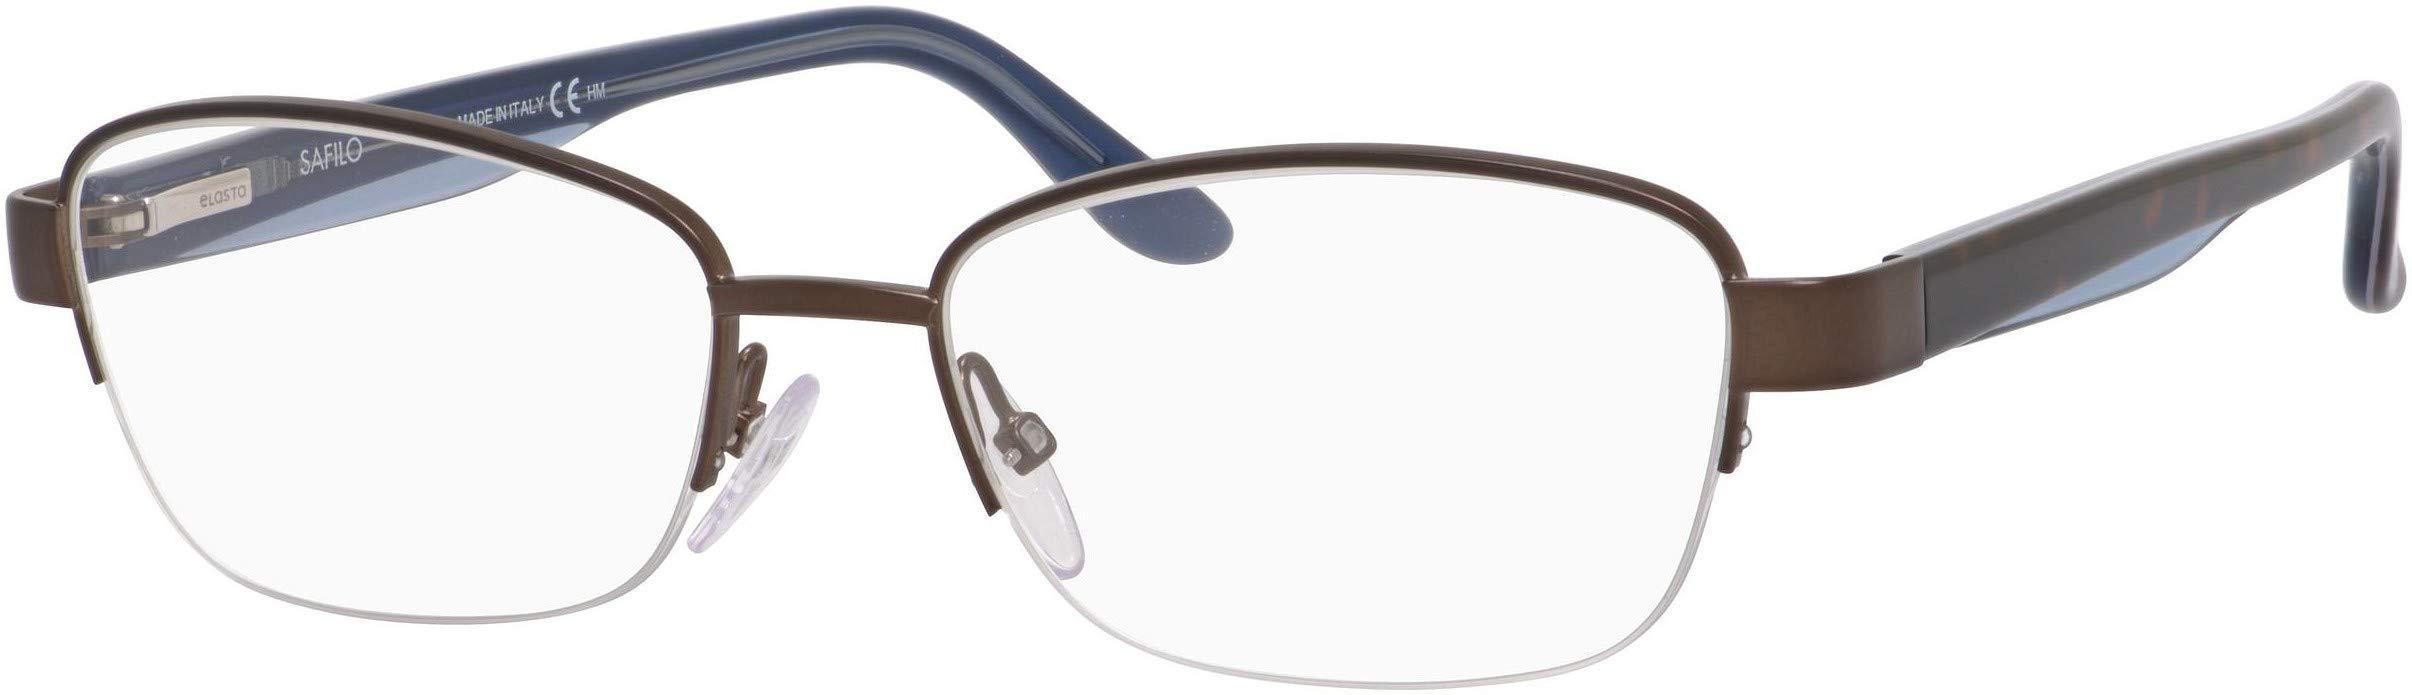 Emozioni 4373 HGC Brown Havana Blue Metal Semi-Rimless Eyeglasses 51mm by Emozioni